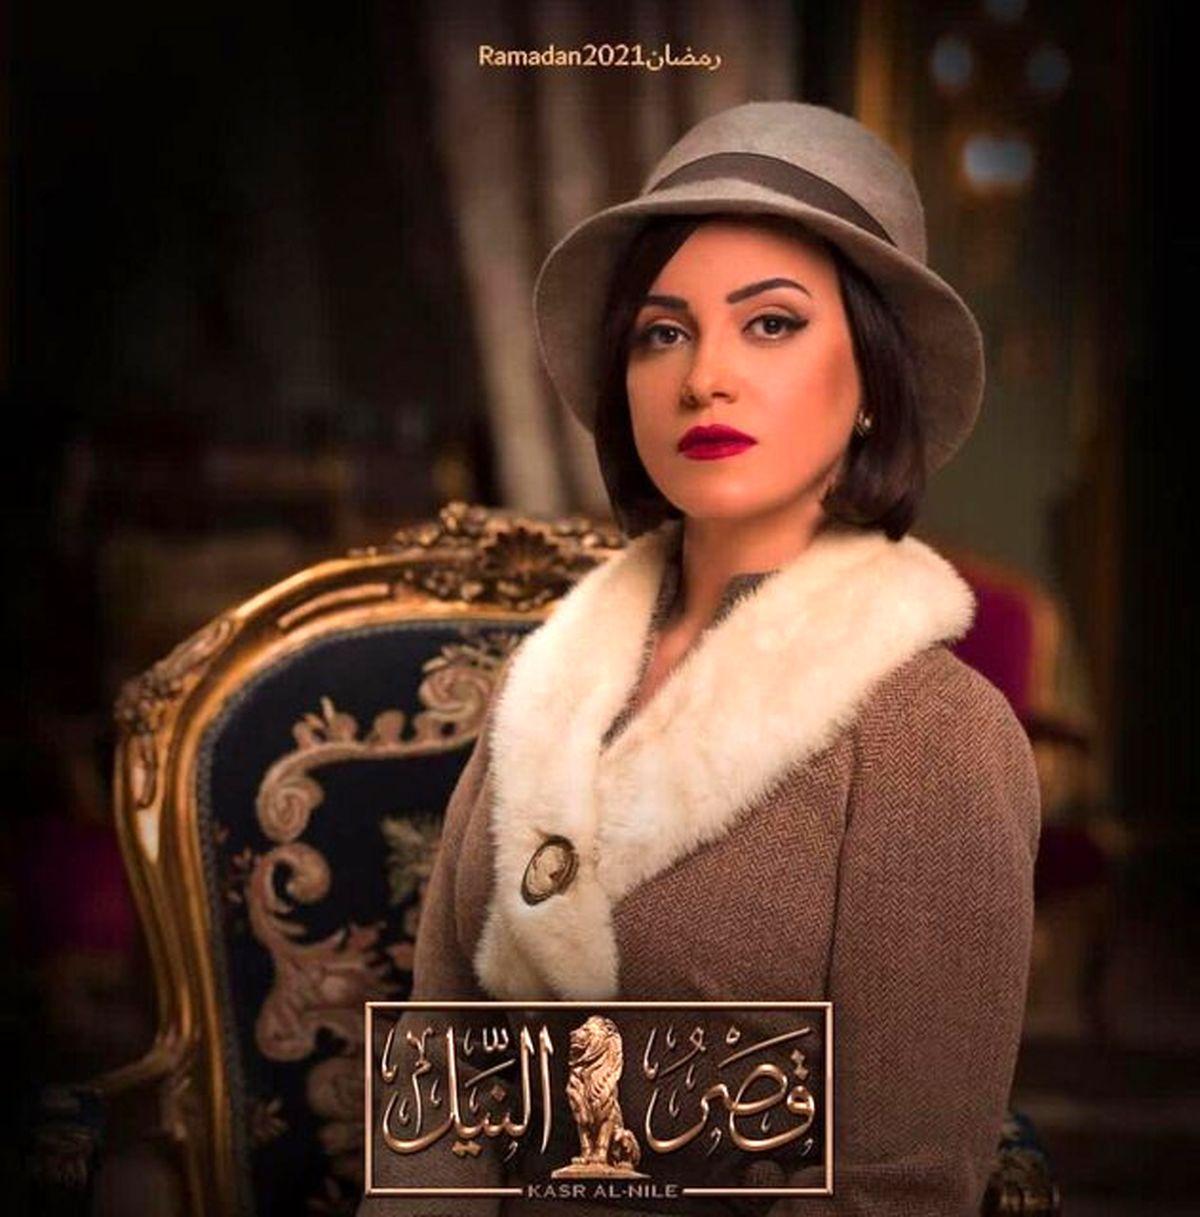 پوشش نادرست بازیگران در سریال تاریخی رمضان بحث برانگیز شد + عکس